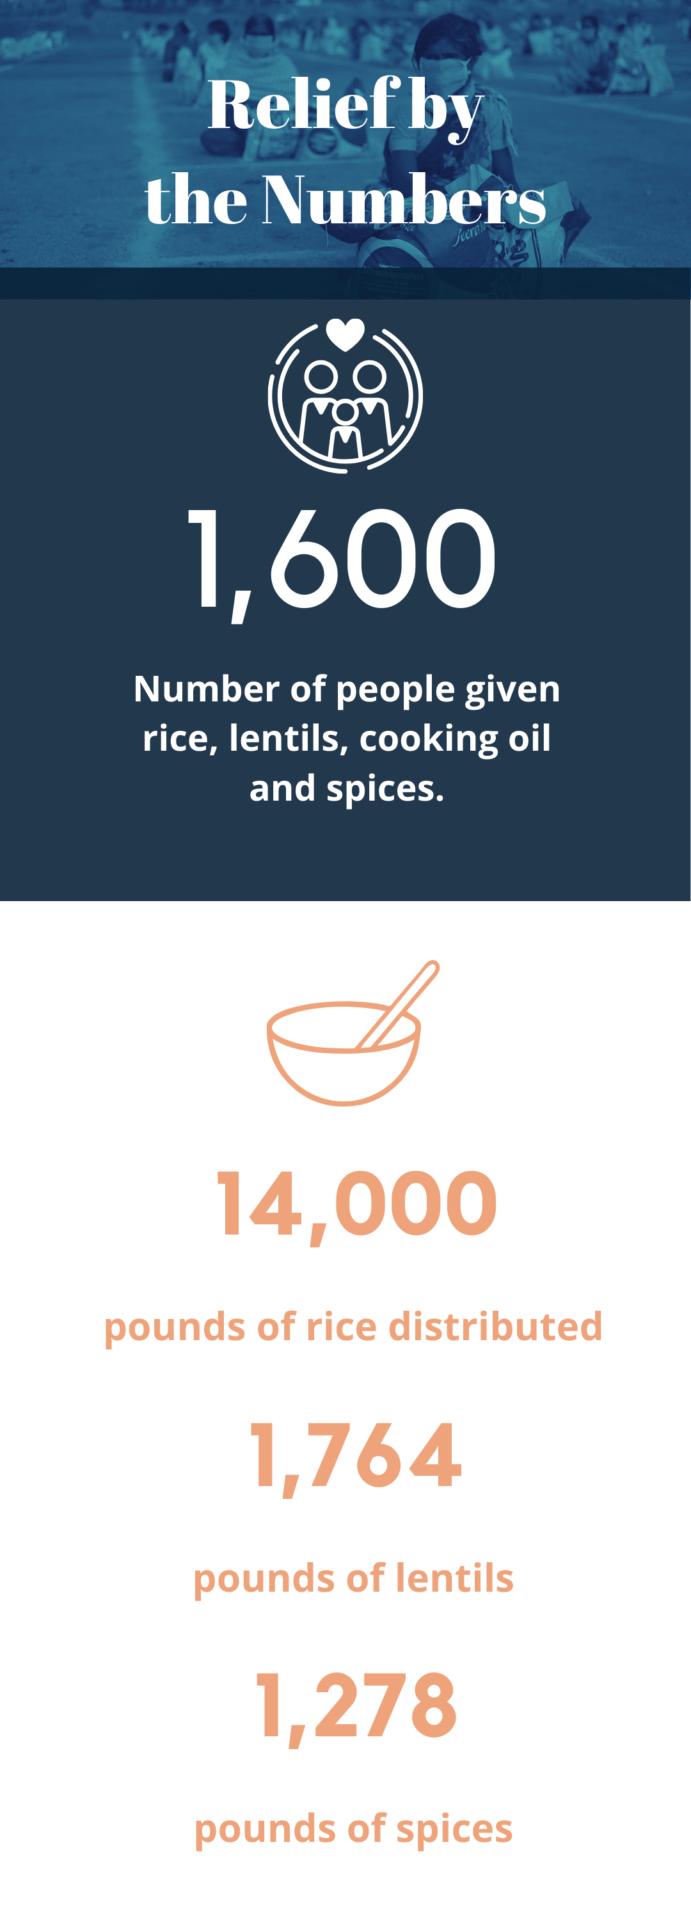 Covid relief statistics